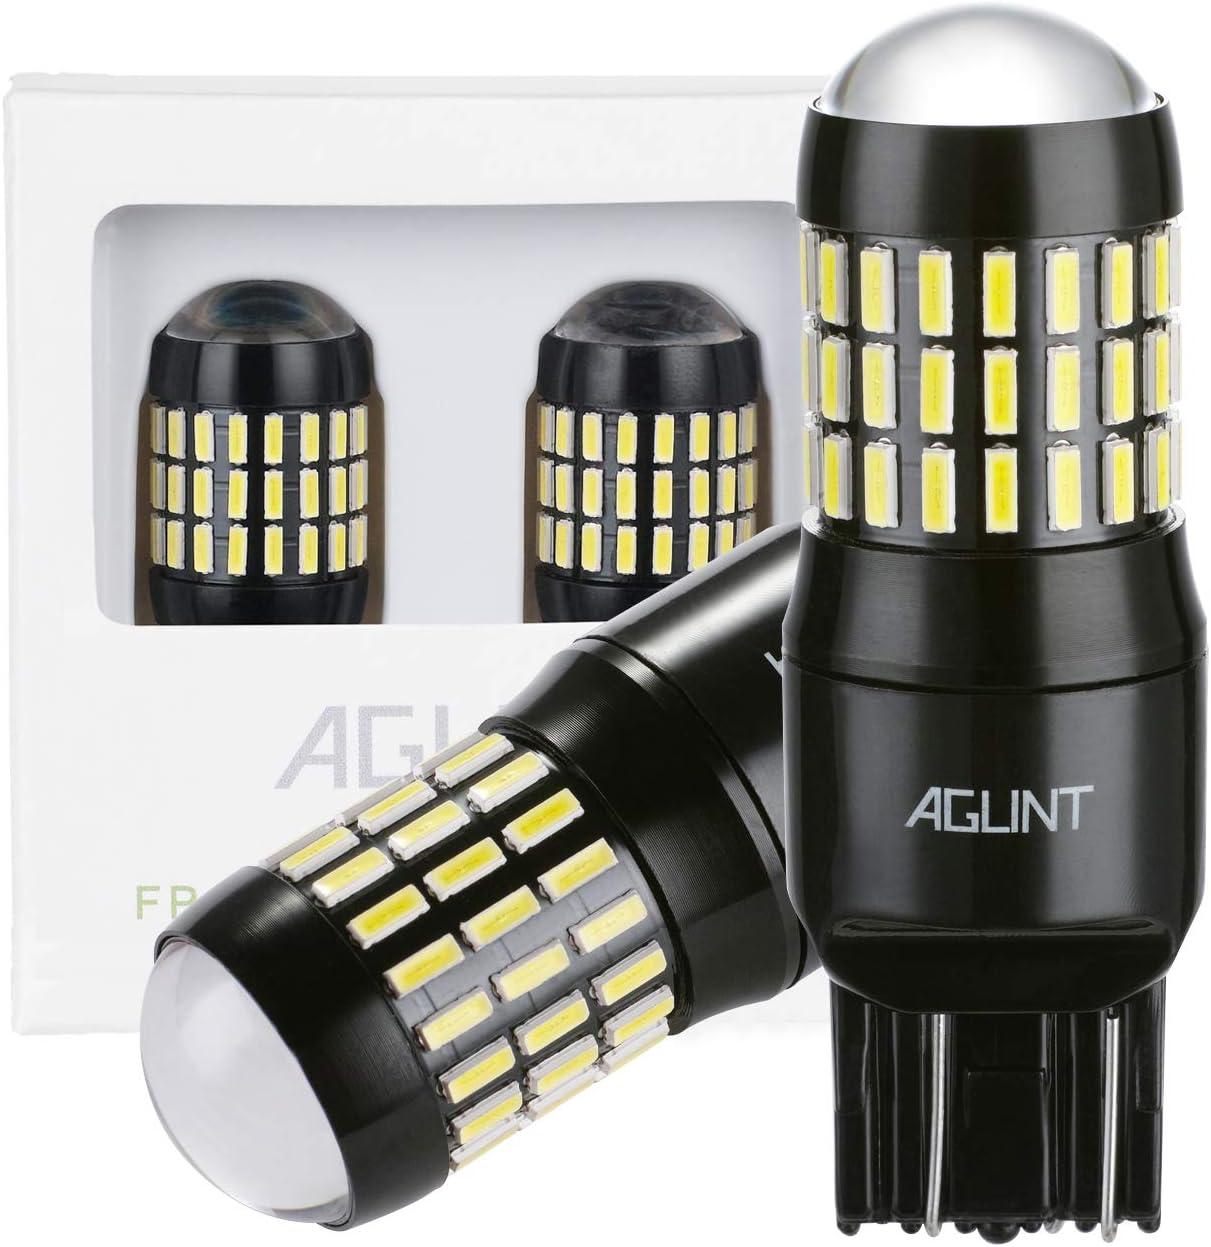 AGLINT 2X 7443 Bombilla LED 4014 Chipsets 66SMD Muy Brillante 1200 Lúmenes W21W T20 7440 LED Luz Señal de Giro Luz Uso de Auto Para Freno Cola de Copia de Seguridad Reverse Luces